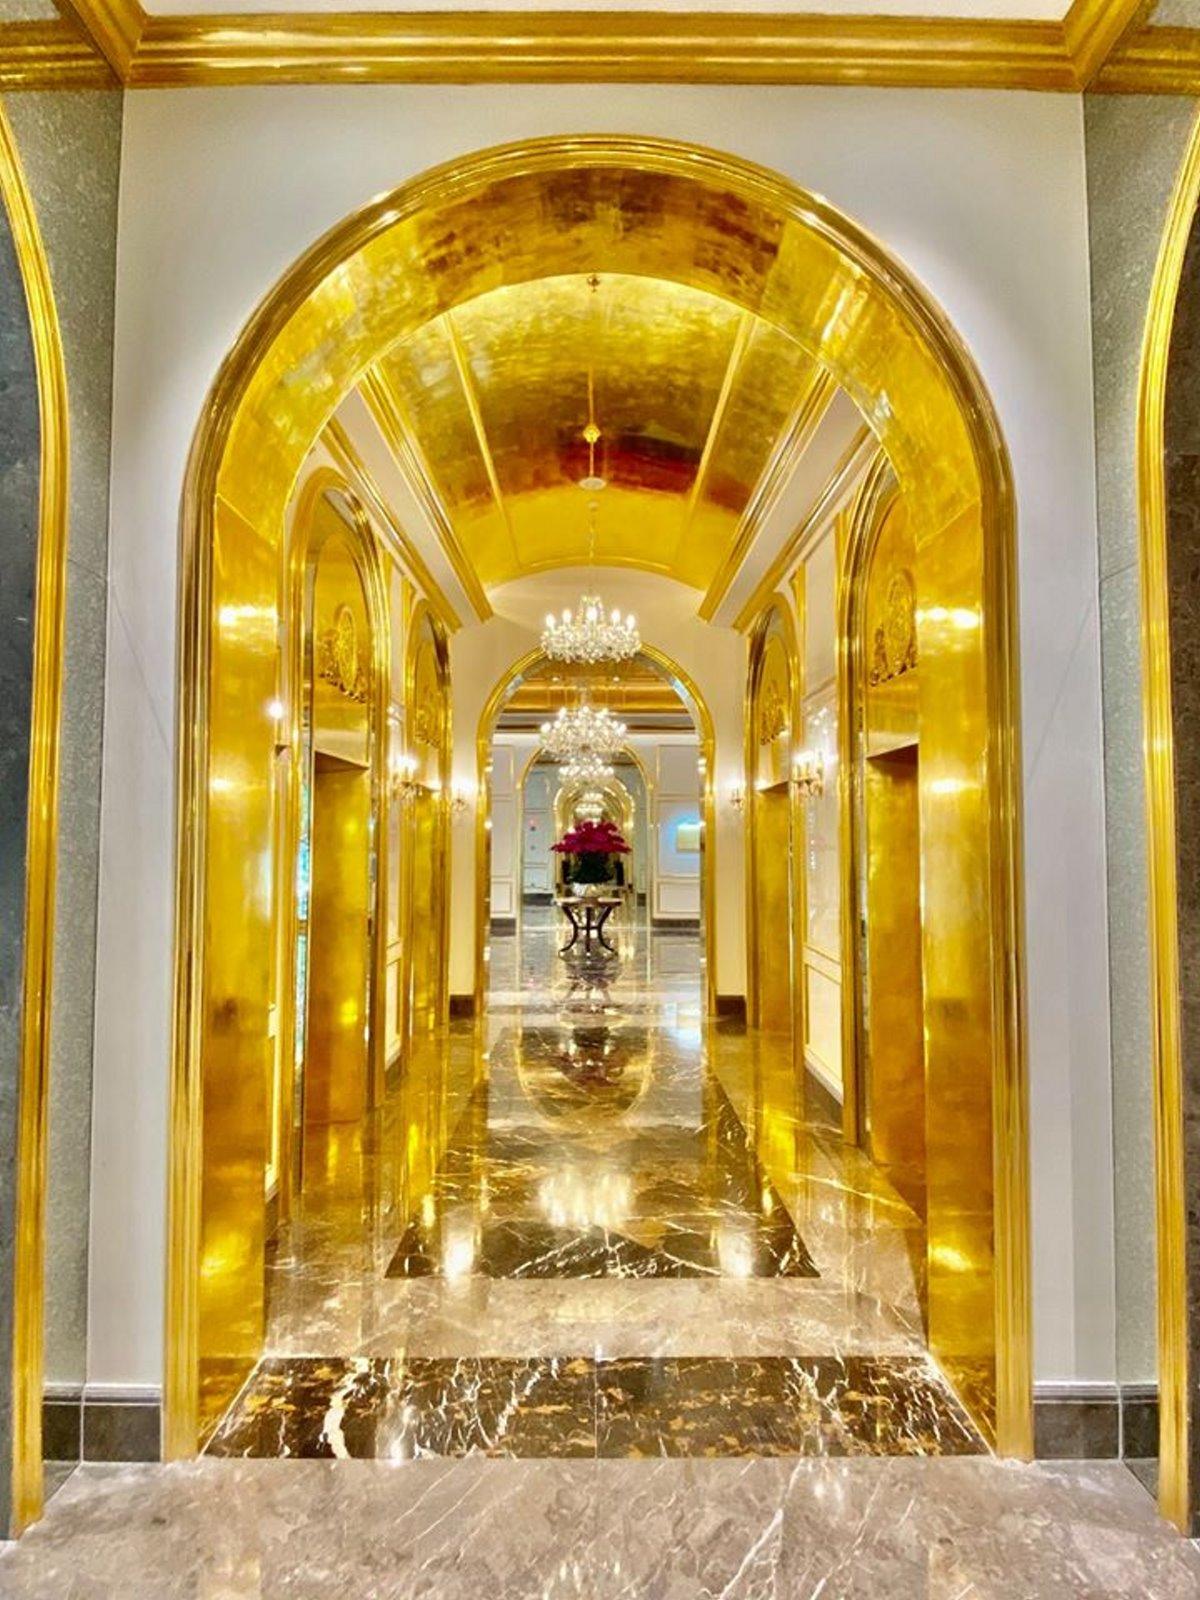 Επίχρυσο ξενοδοχείο Ανόι με χρυσό στους διαδρόμους